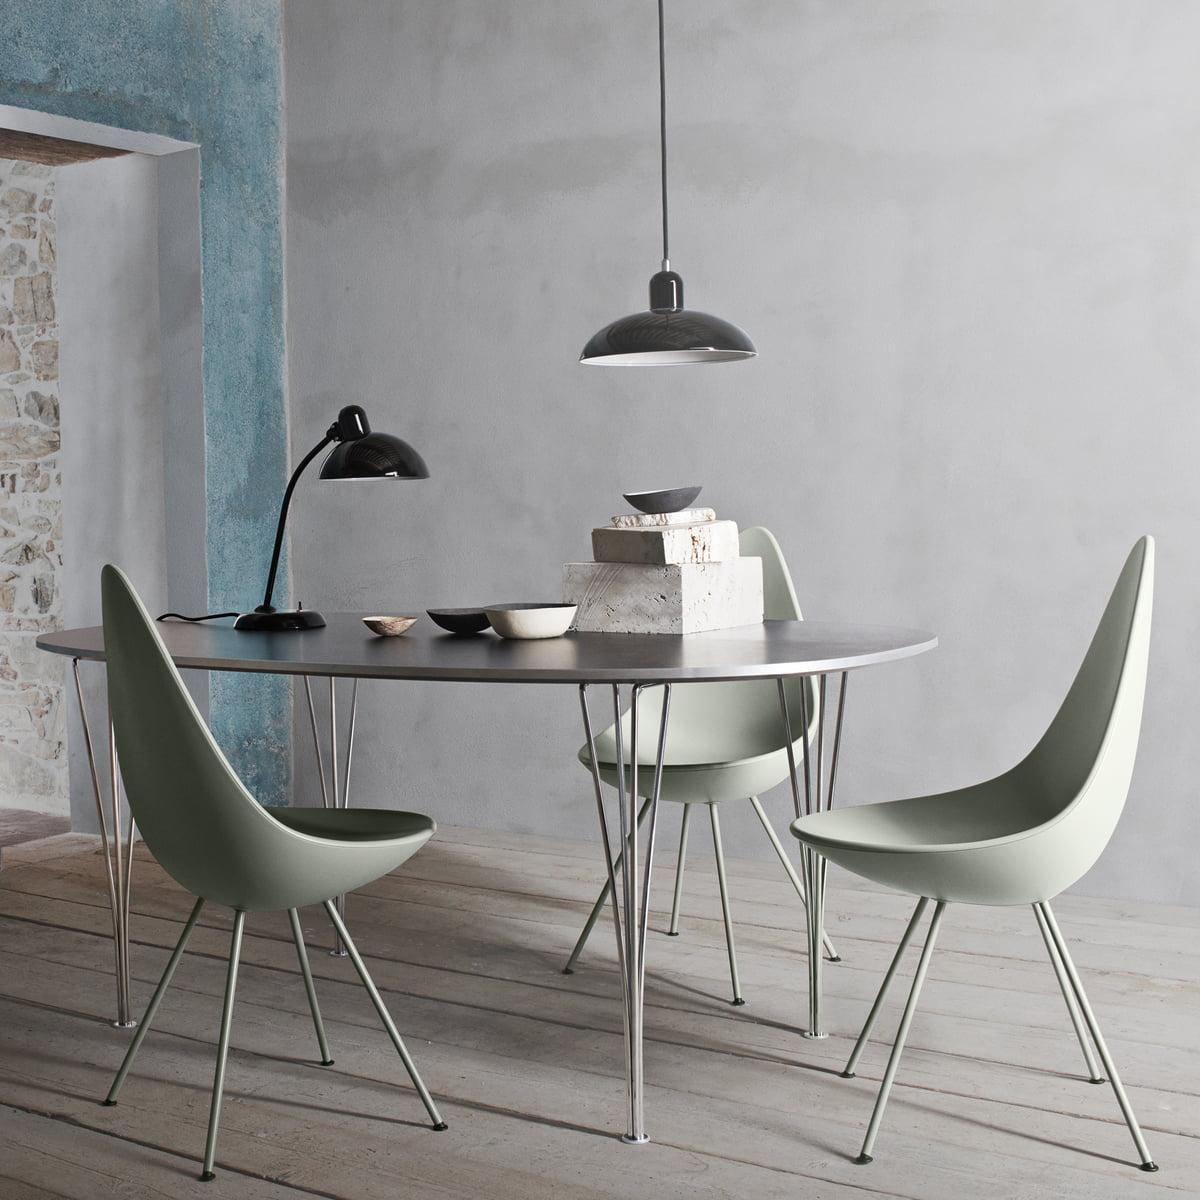 drop stuhl von fritz hansen connox. Black Bedroom Furniture Sets. Home Design Ideas